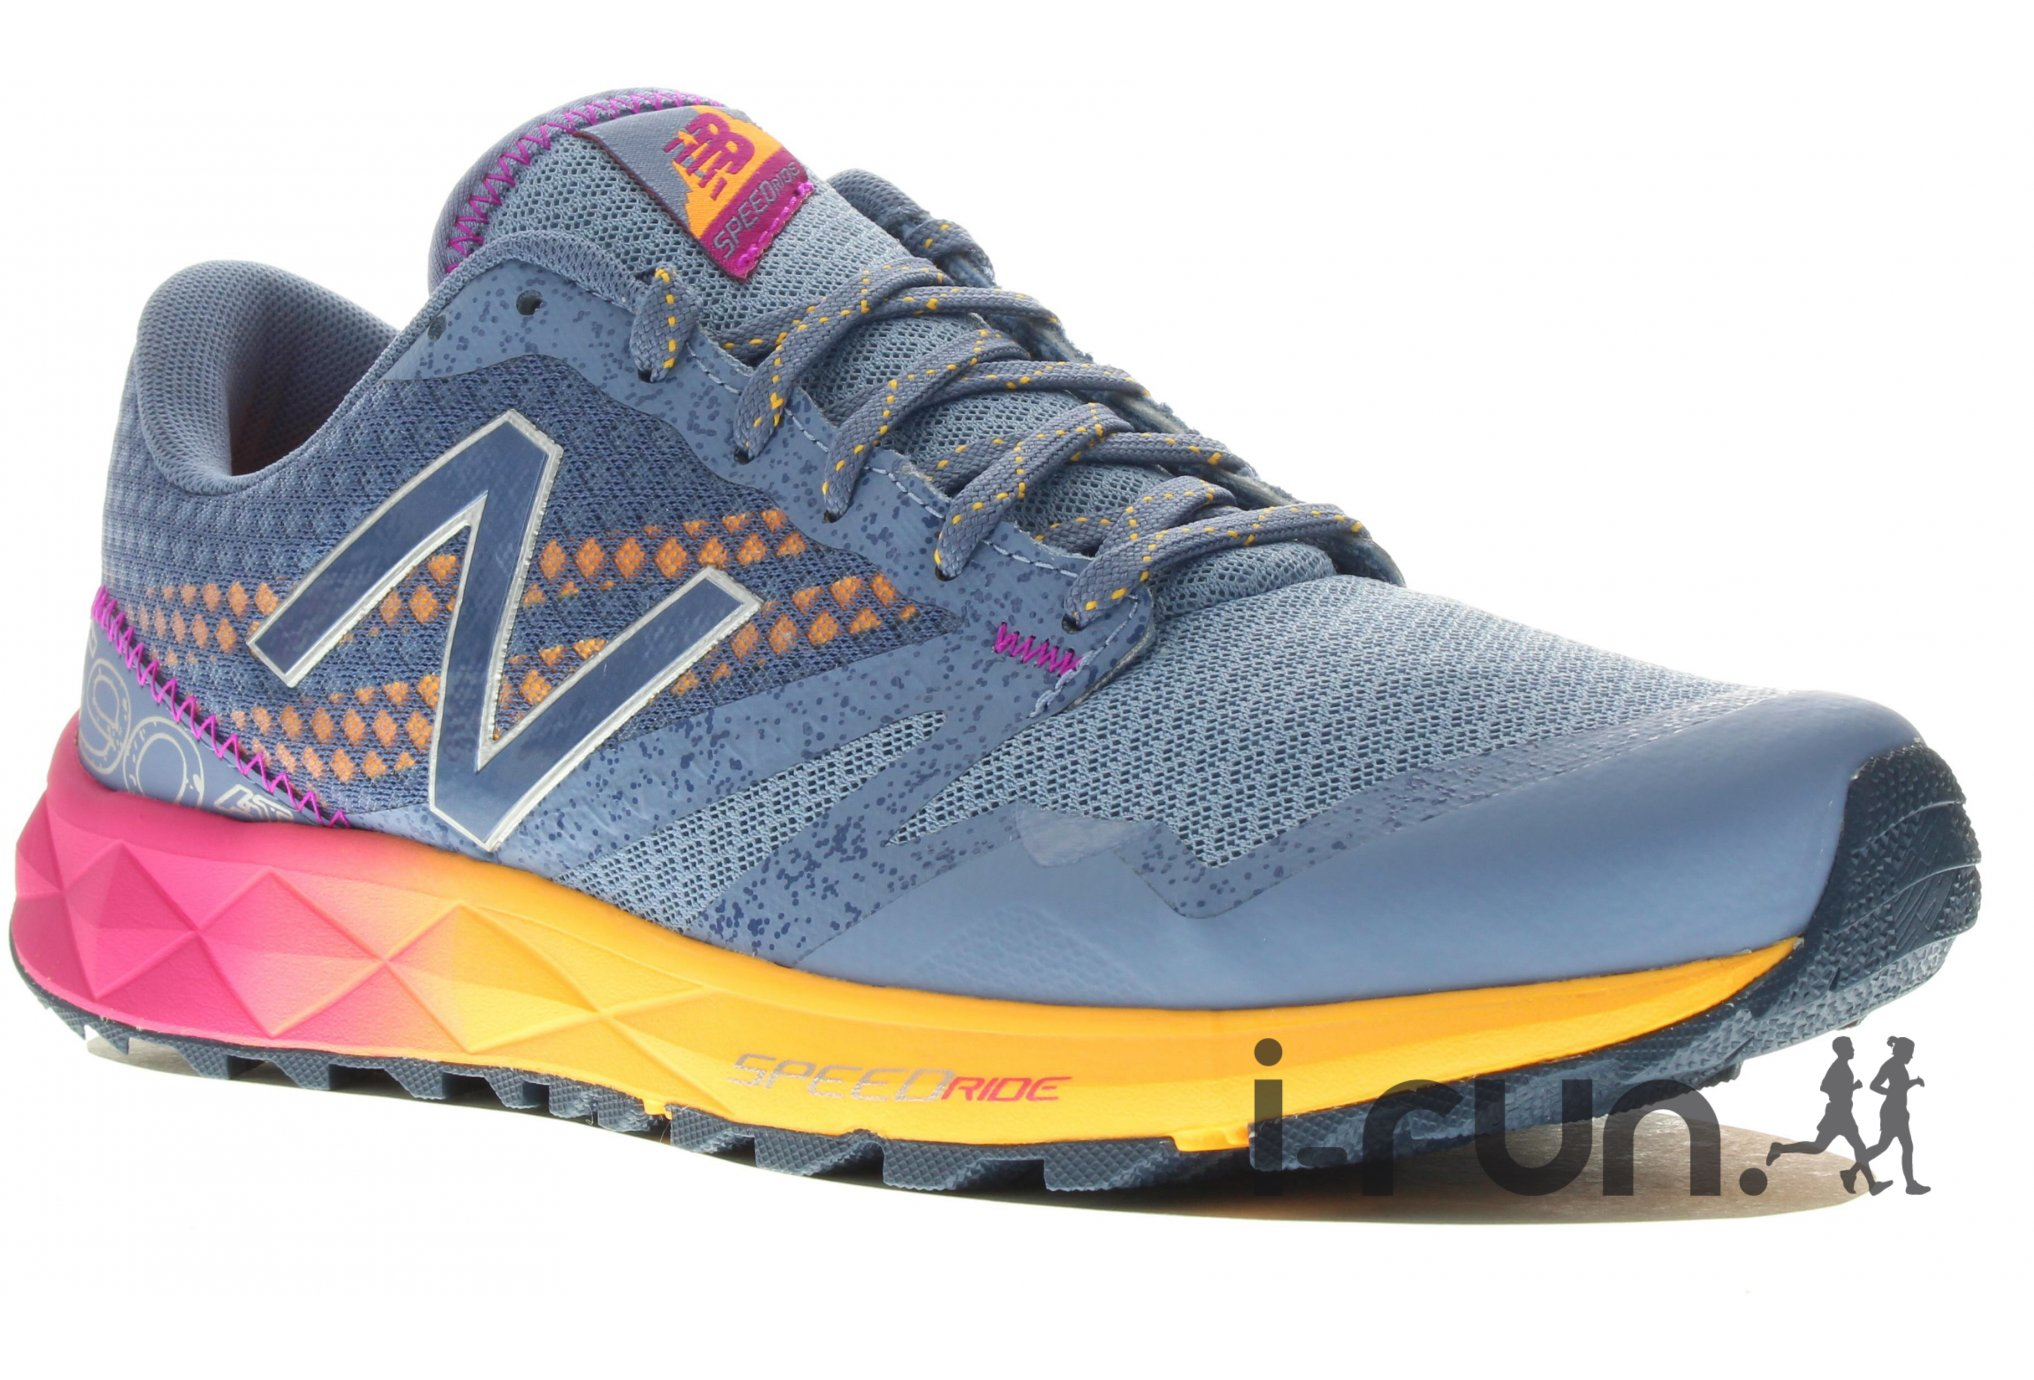 Trail Chaussures Balance New De Running Liste Produits Femme Ax17nRXR